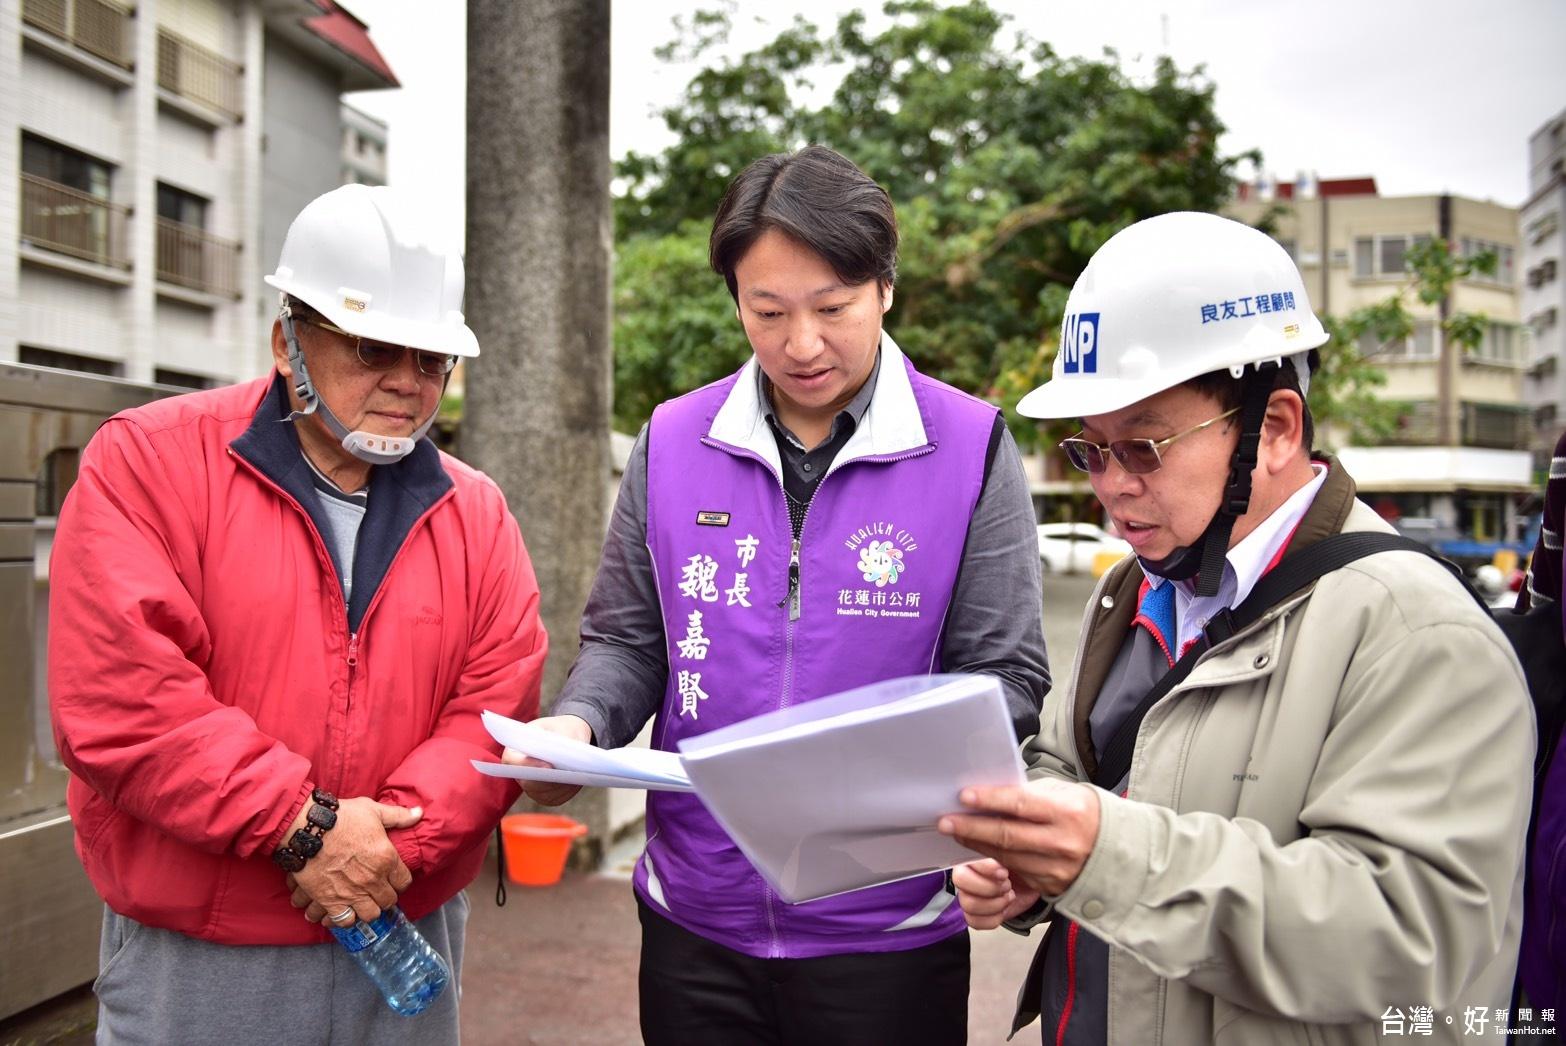 中華國小周邊通學步道改善 創新生態工法讓排水更順暢